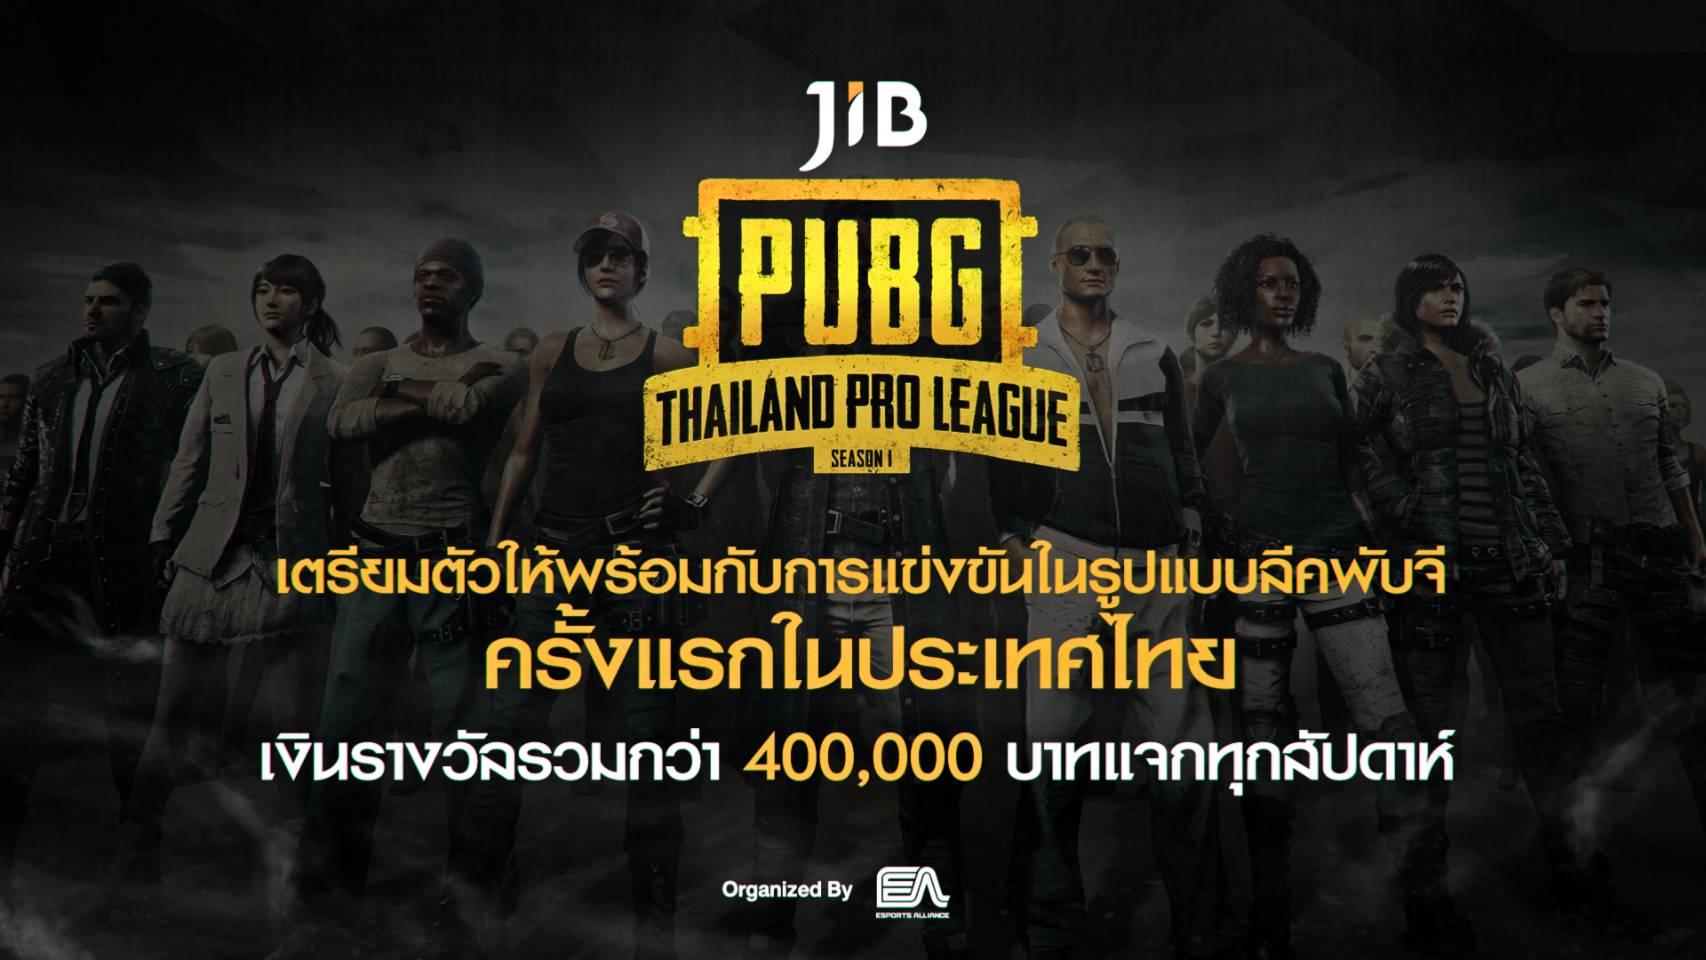 JIB PUBG 2062018 01